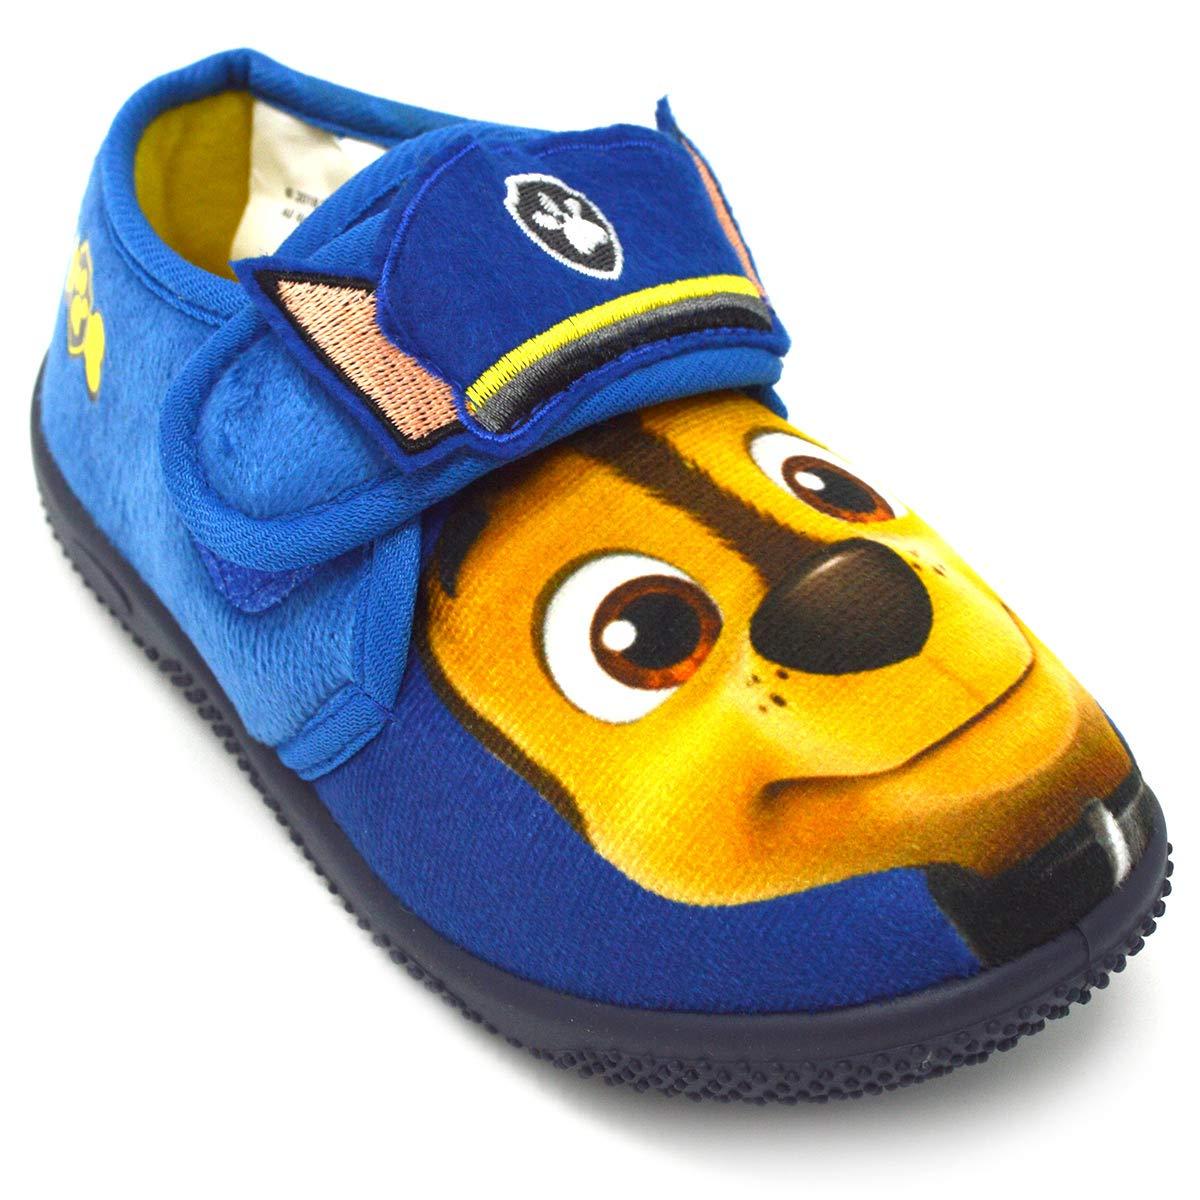 Garçons Paw Patrol Phelps Pantoufles Bleu)